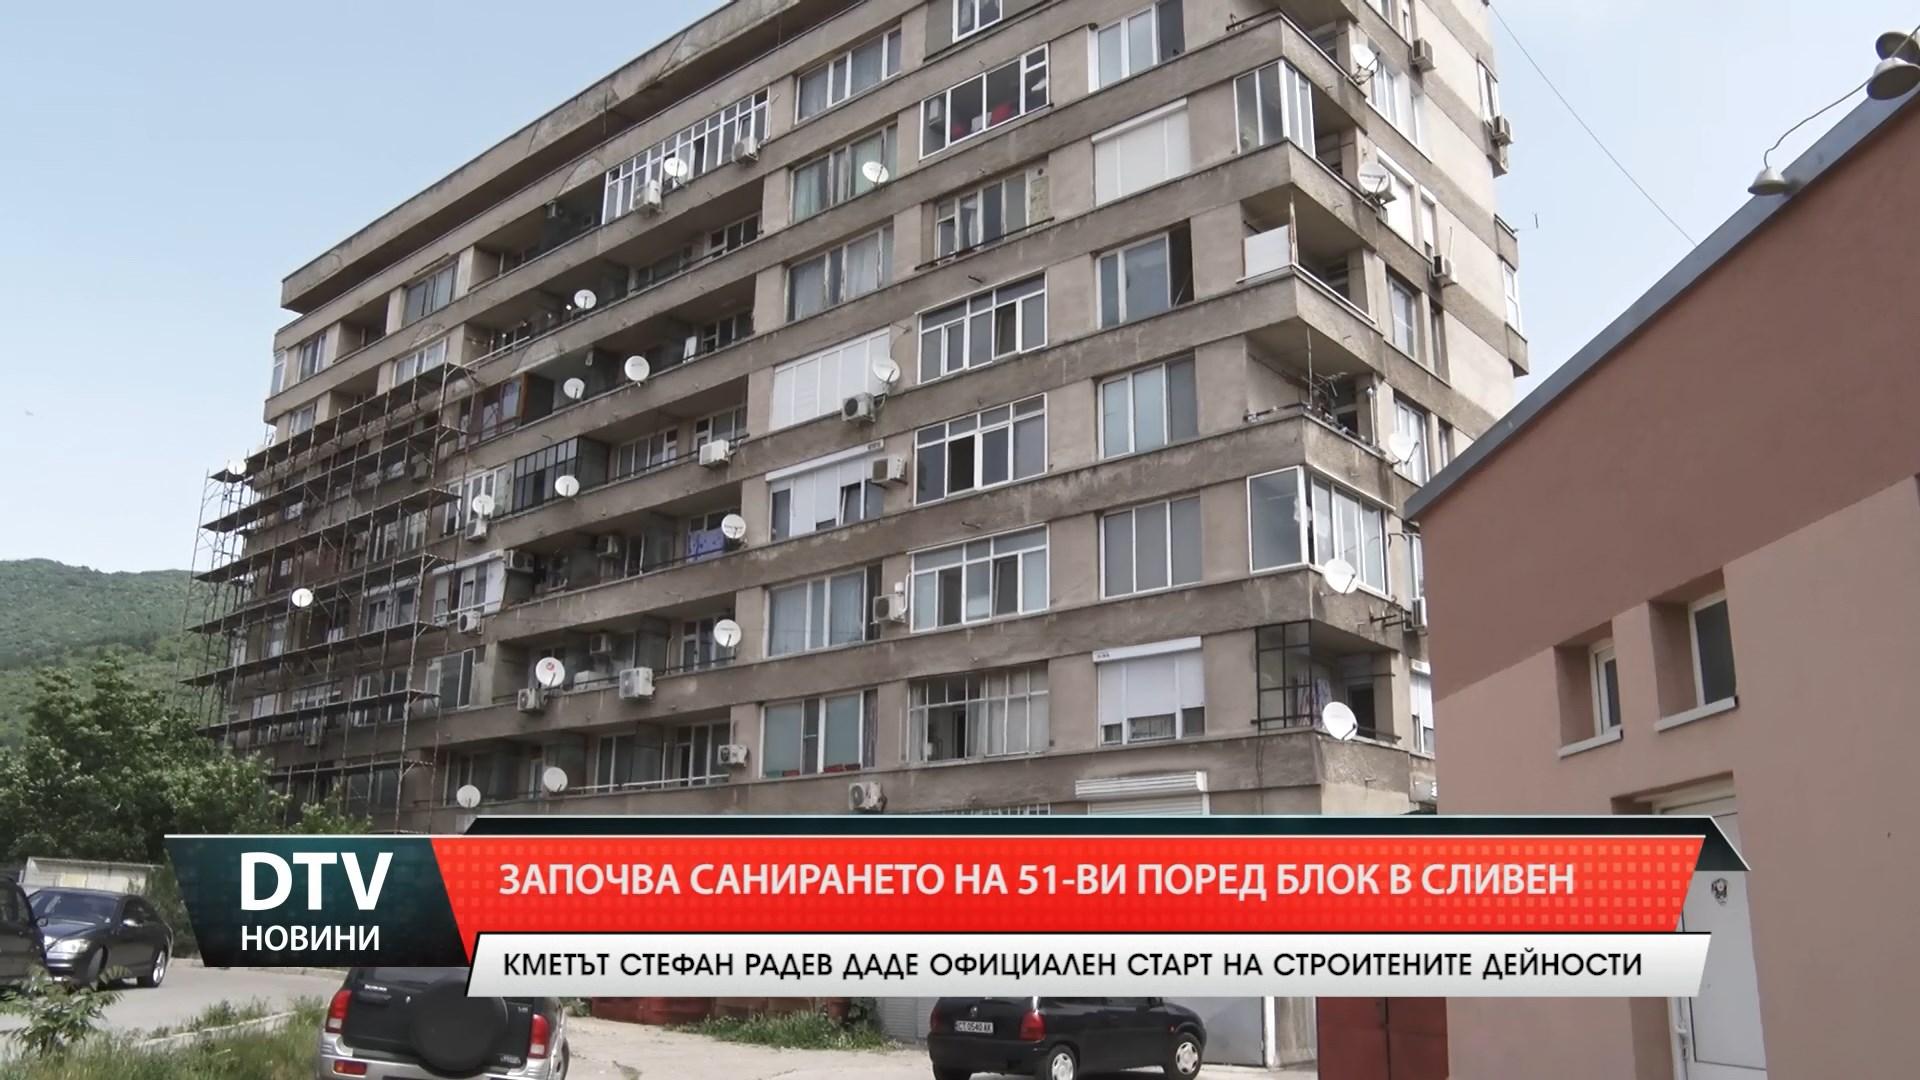 Пореден блок санират в Сливен